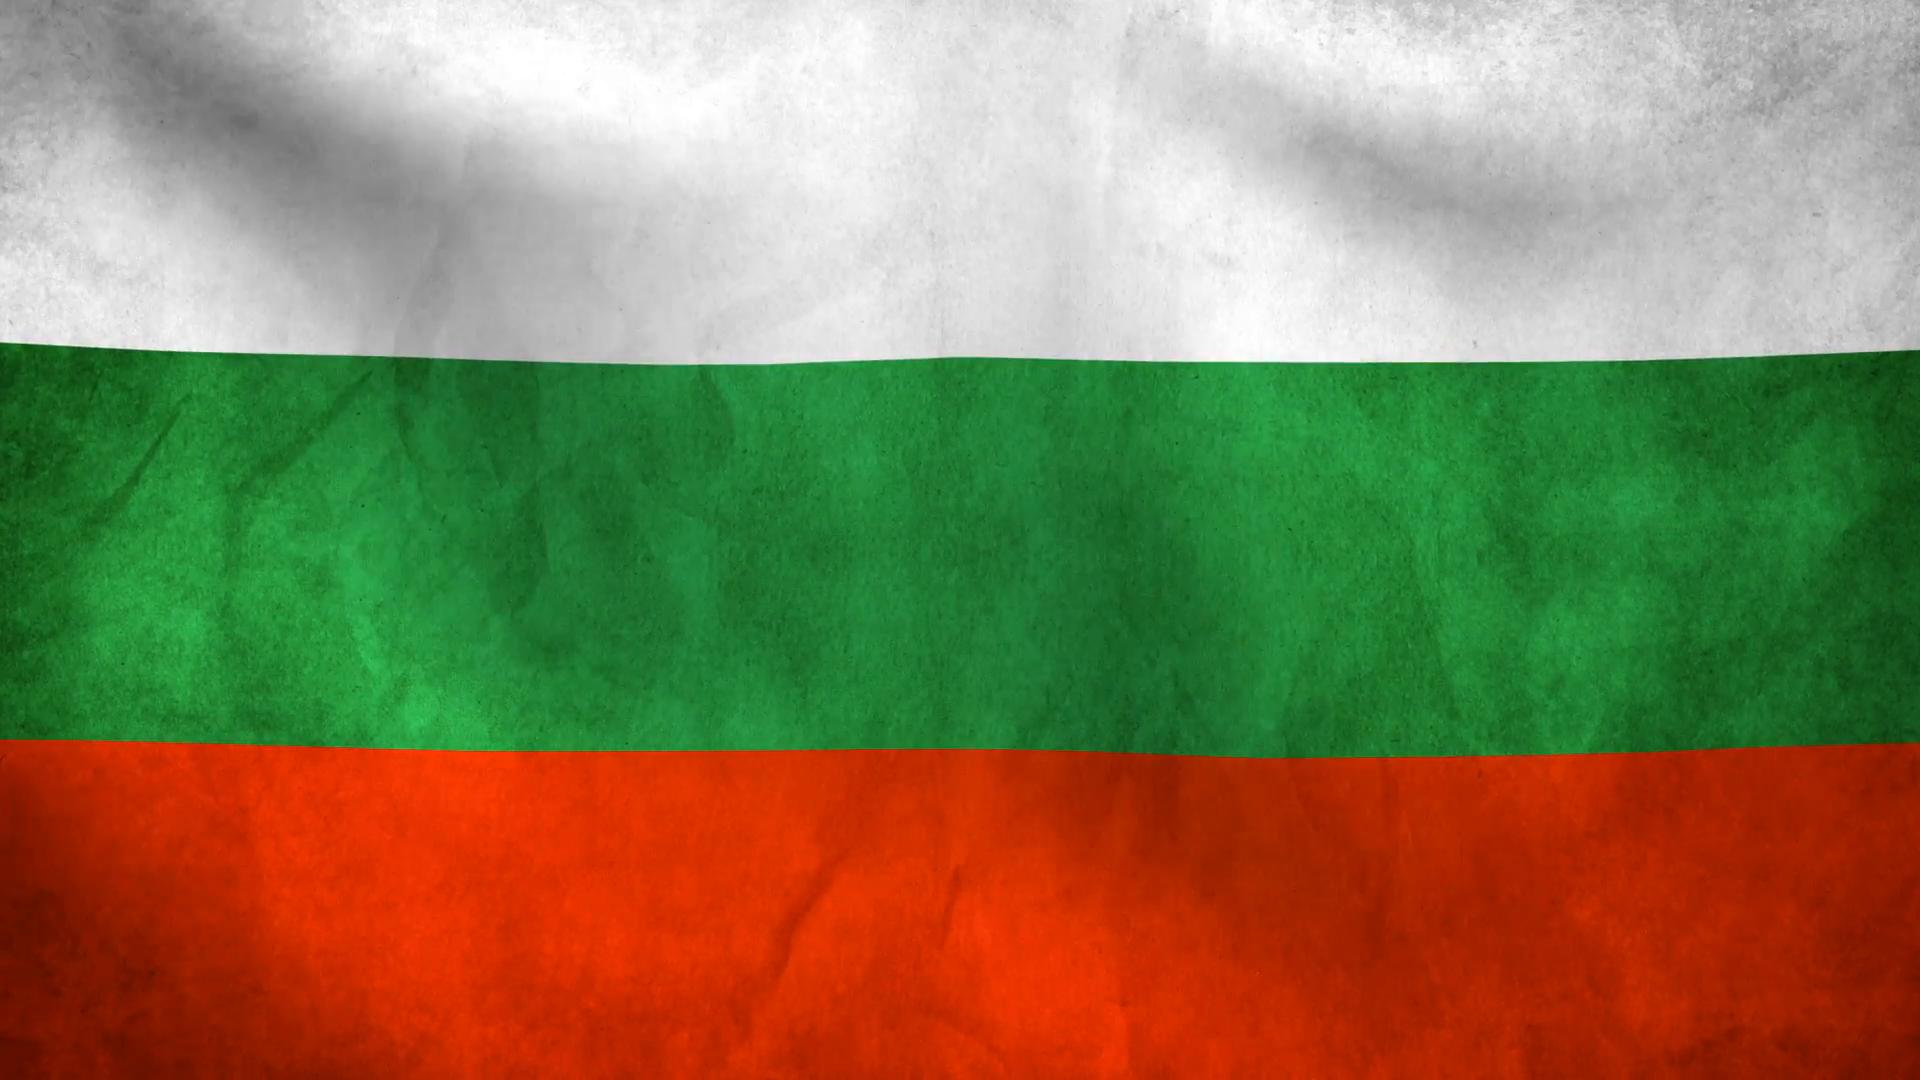 National flag of Bulgaria grunge background Motion Background ...